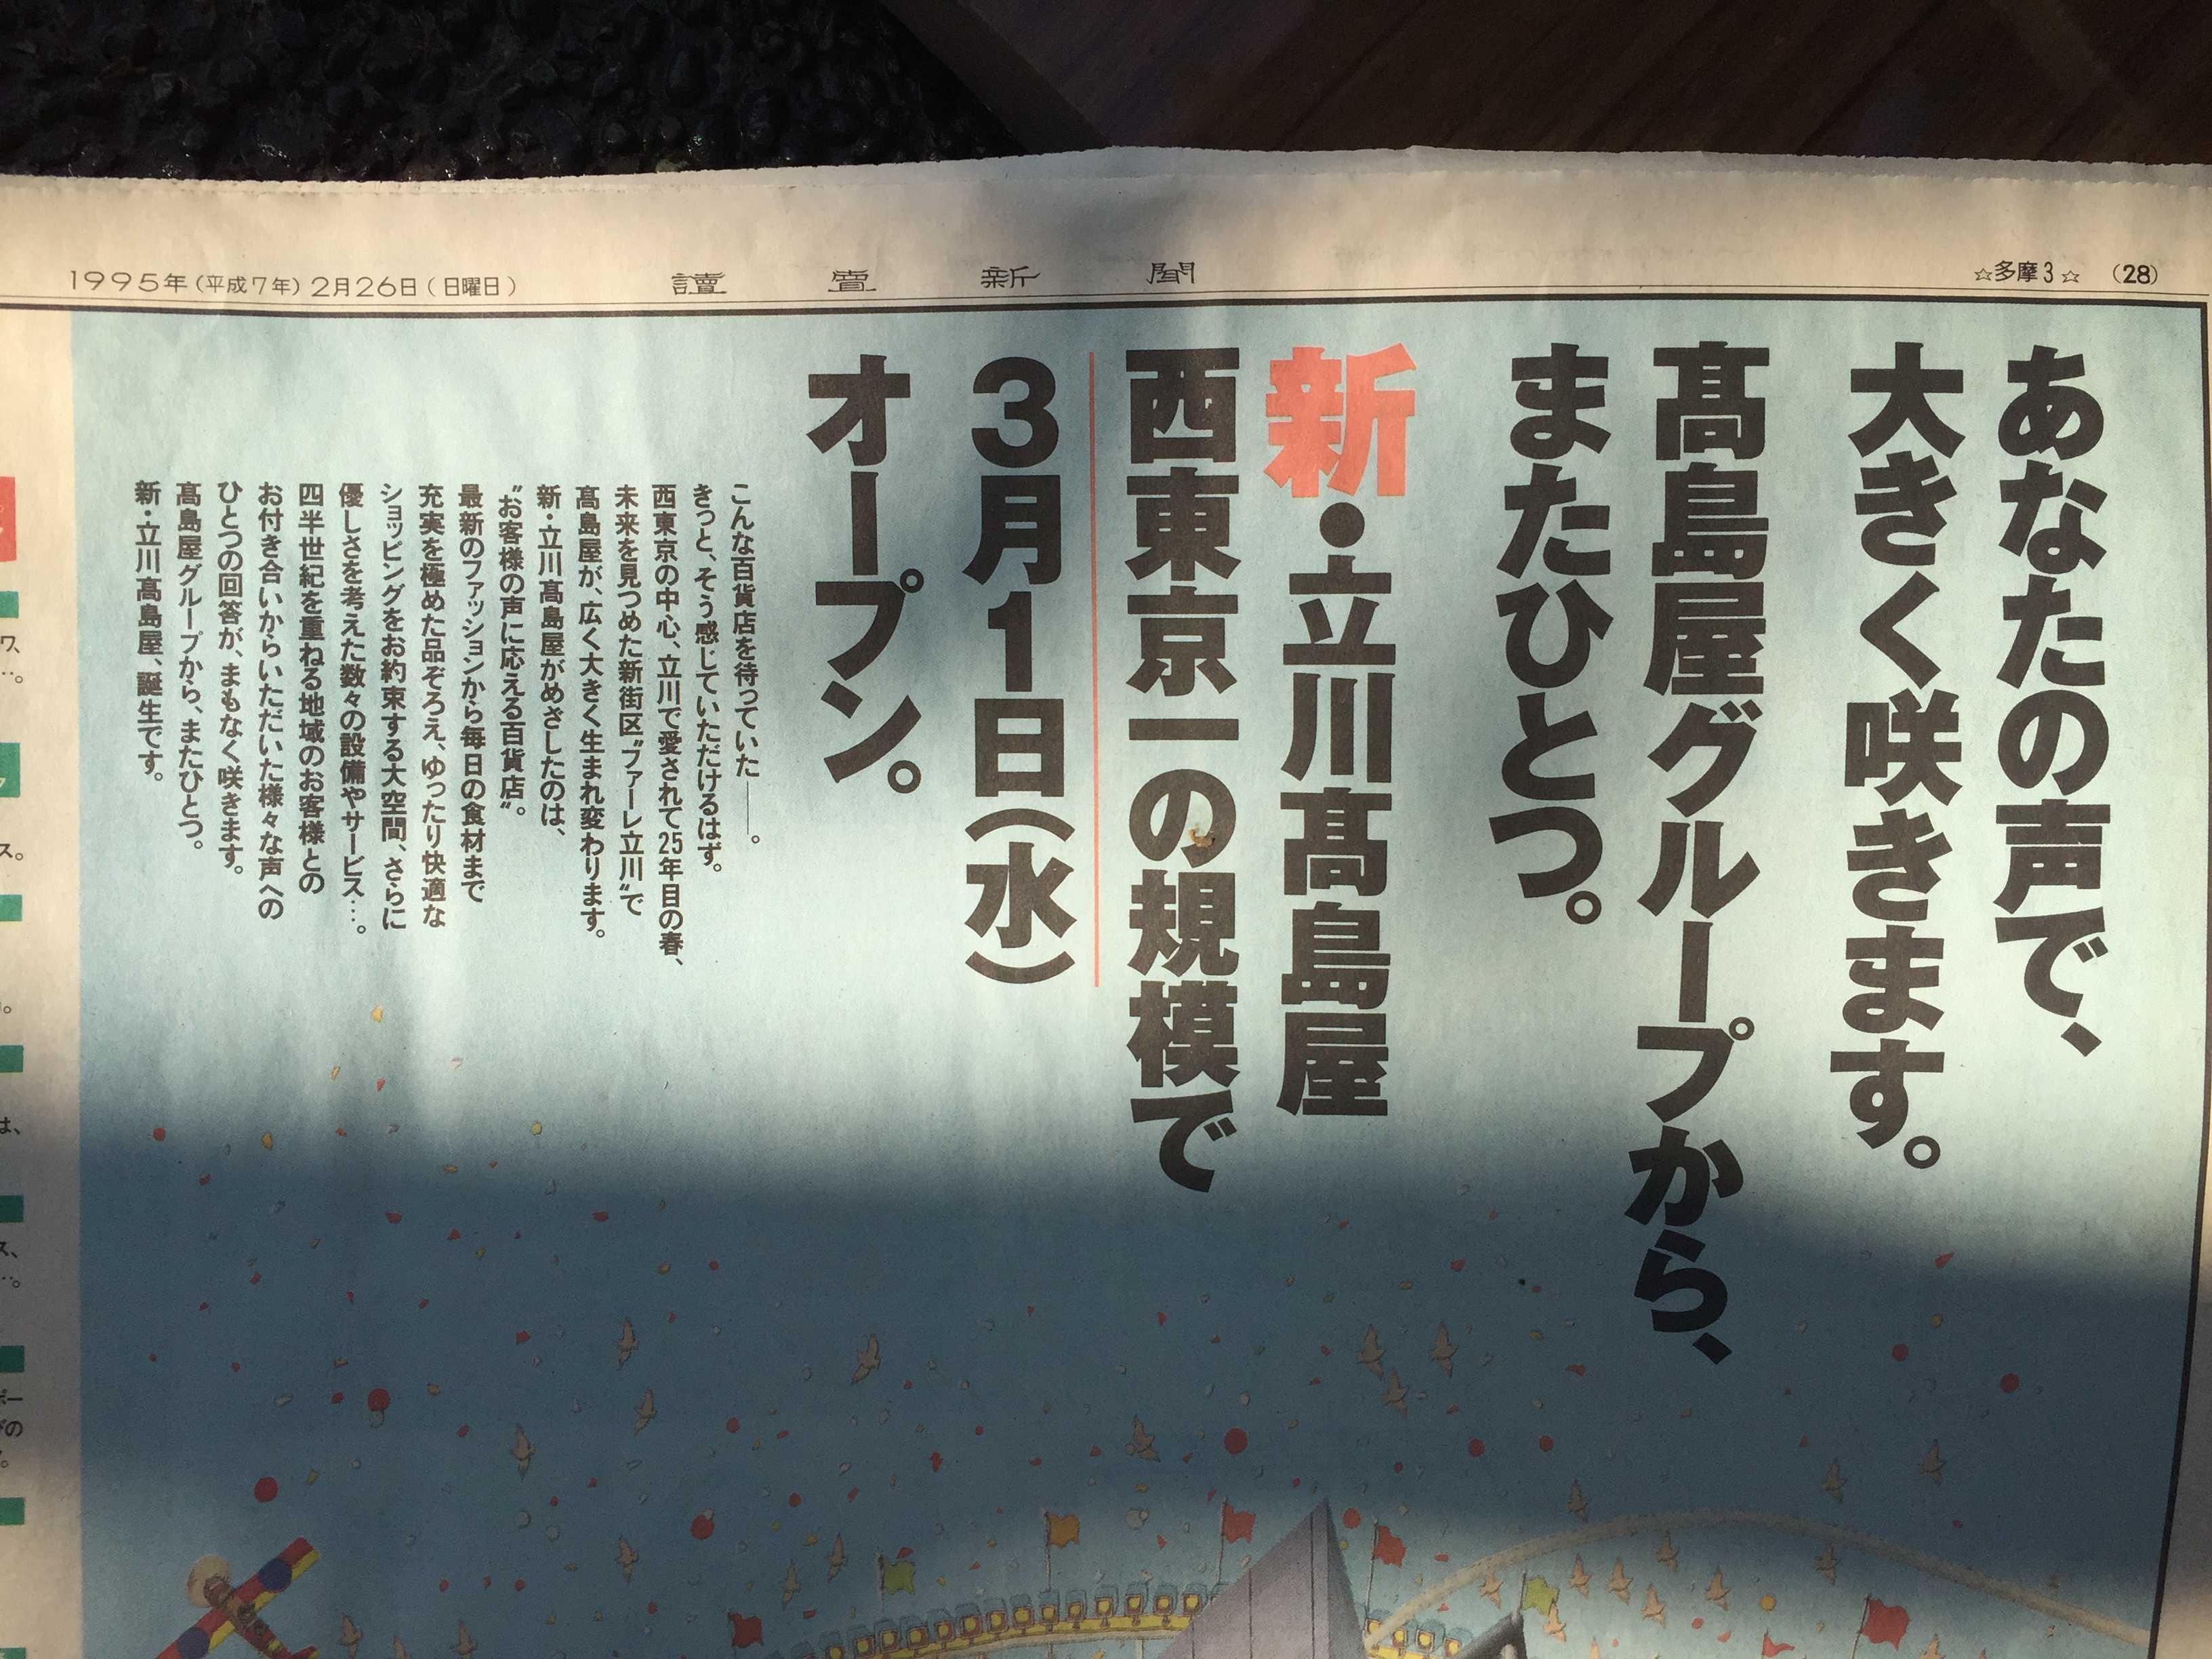 立川高島屋 - 平成7年(1995年 3月1日(水) オープン